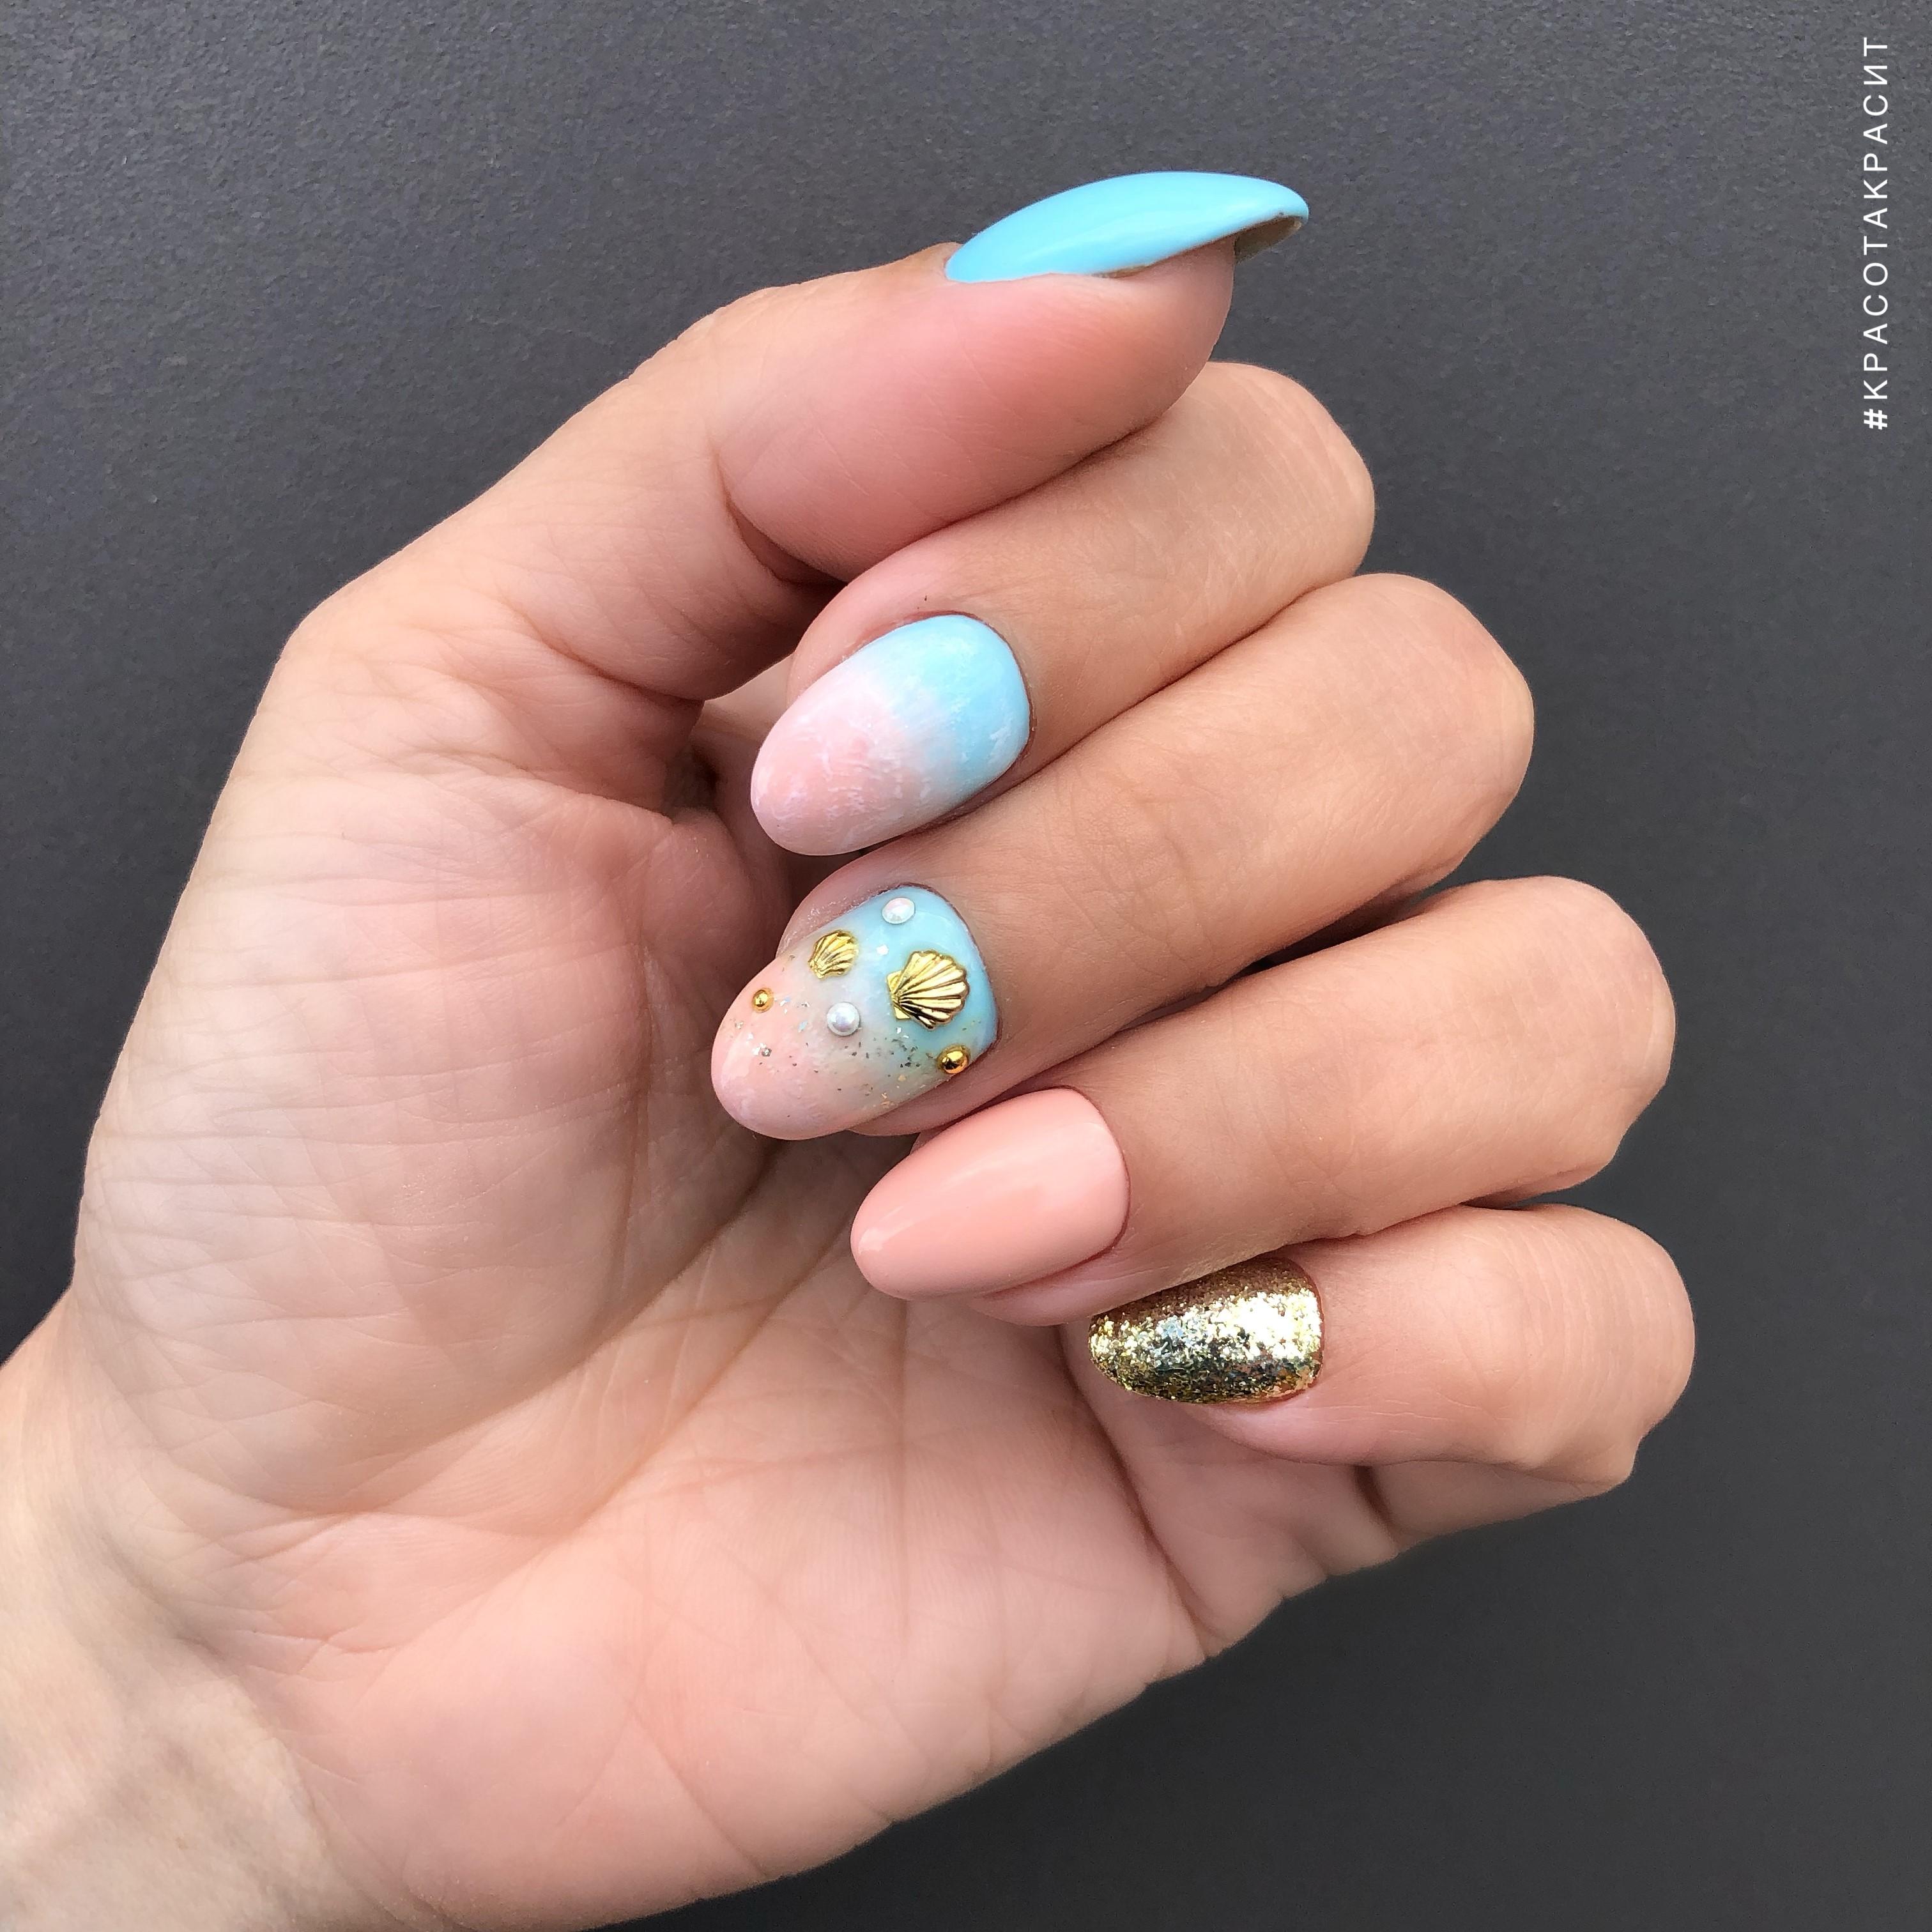 Маникюр с морским дизайном, градиентом и золотыми блестками на короткие ногти.